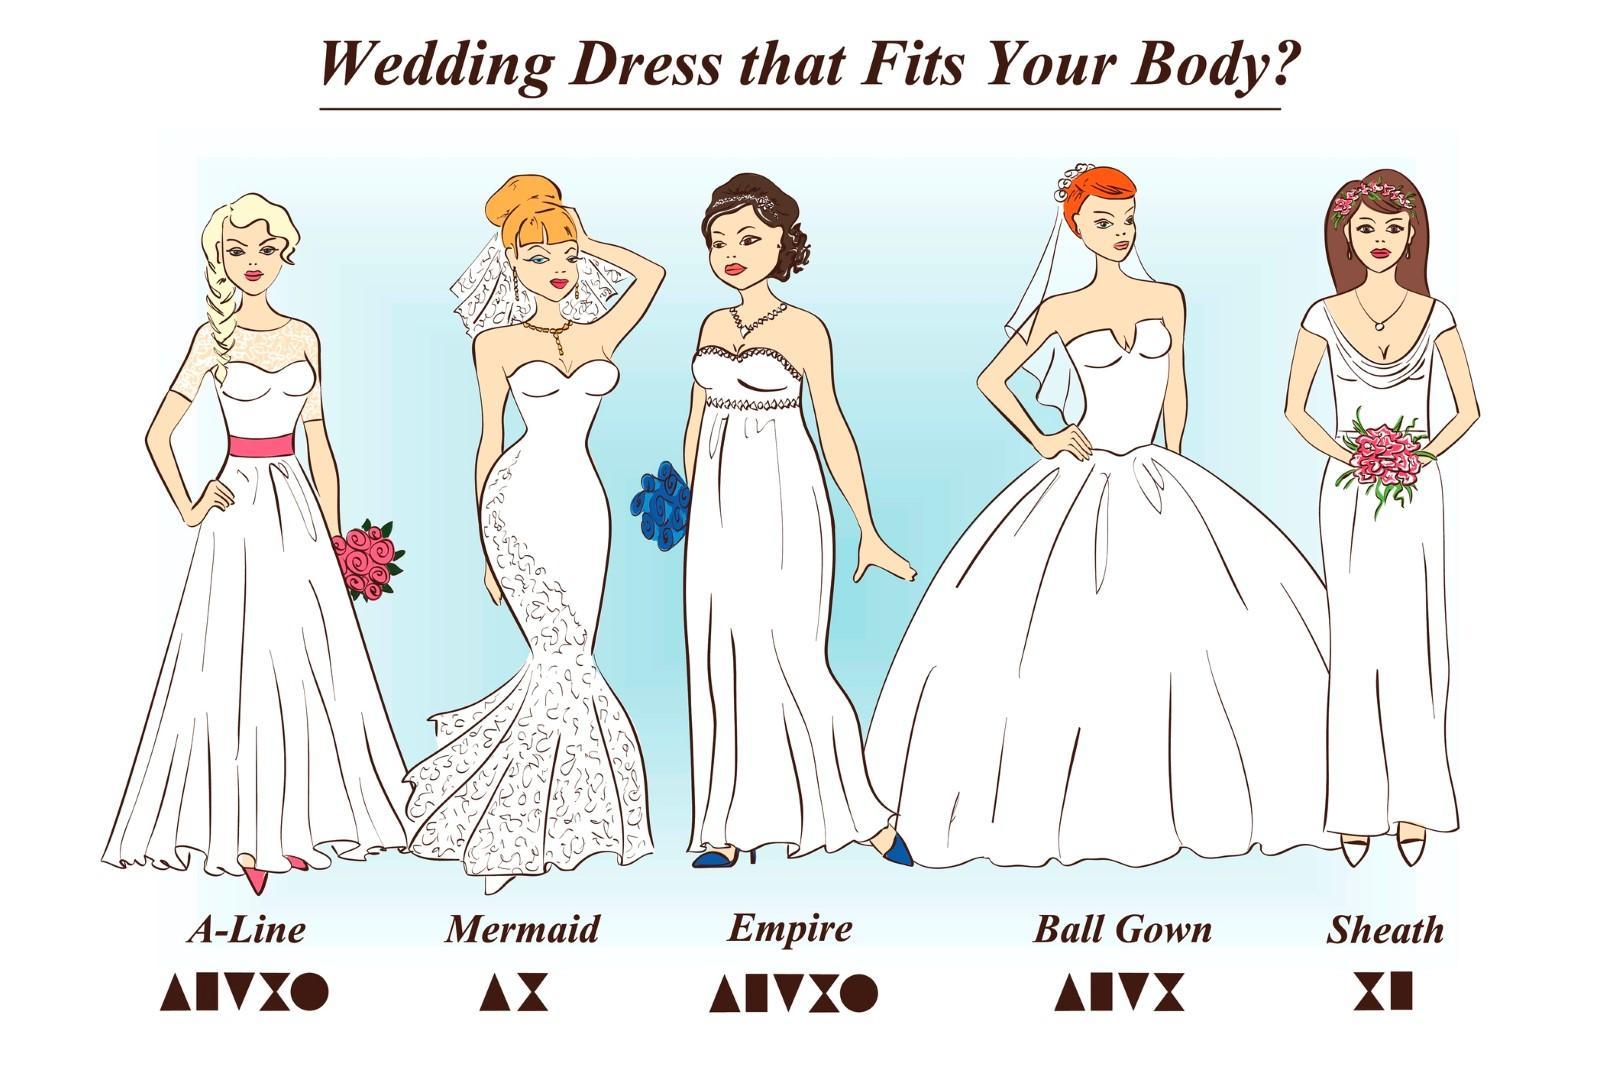 60f8ab158104 Abito da sposa  il modello perfetto per il tuo fisico - Tgcom24